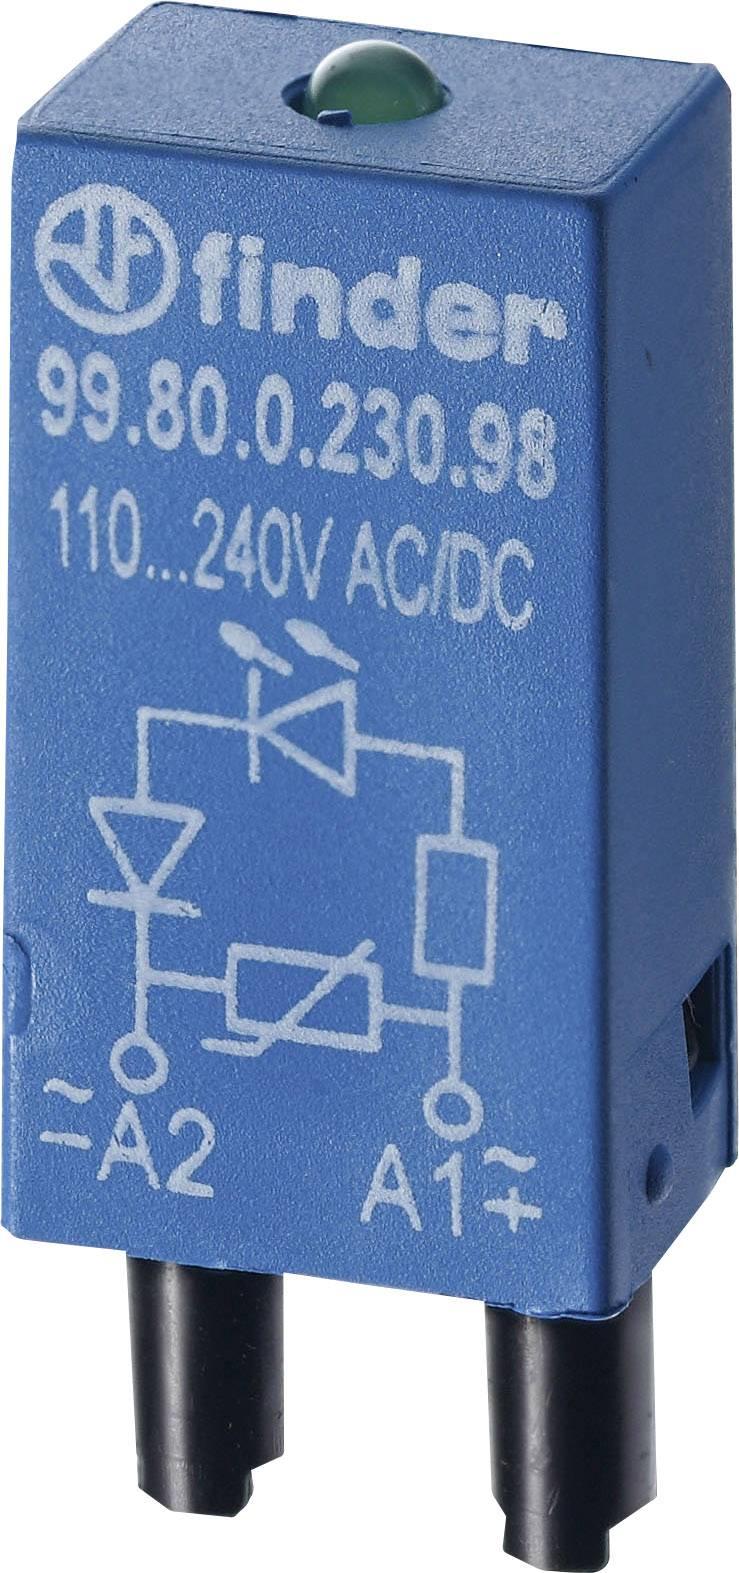 Zasouvací modul s diodou s LED diodou, s varistorem Finder 99.80.0.024.98 Barva světla: zelená